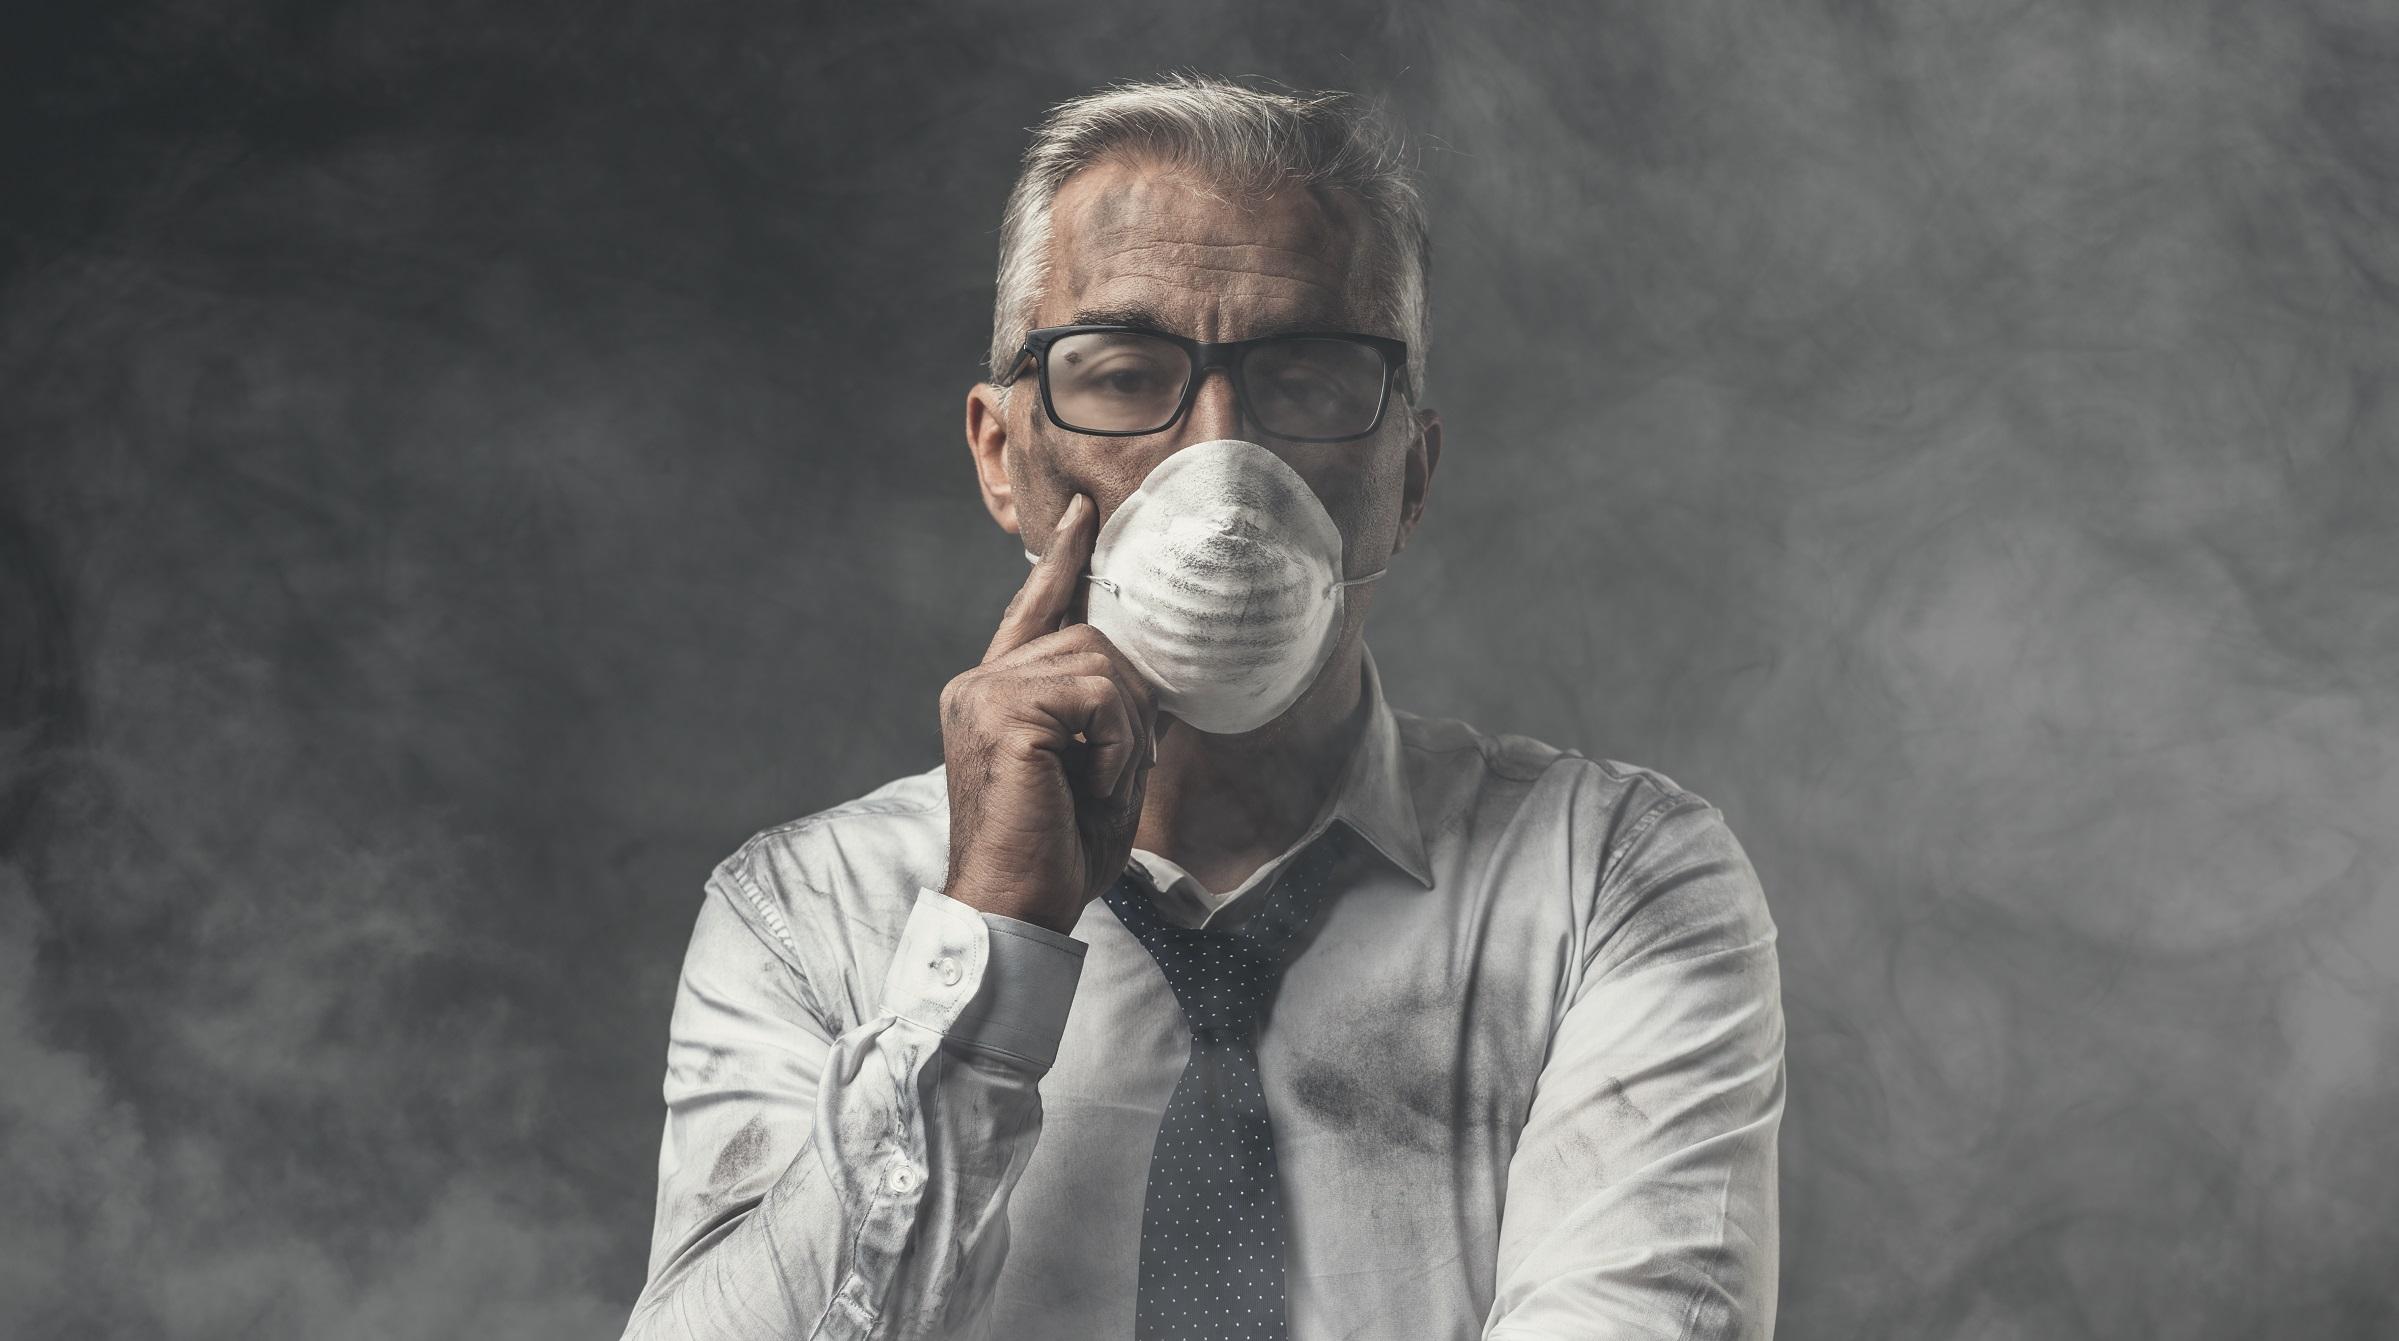 Affärsman i ansiktsmask står i moln av luftförorening